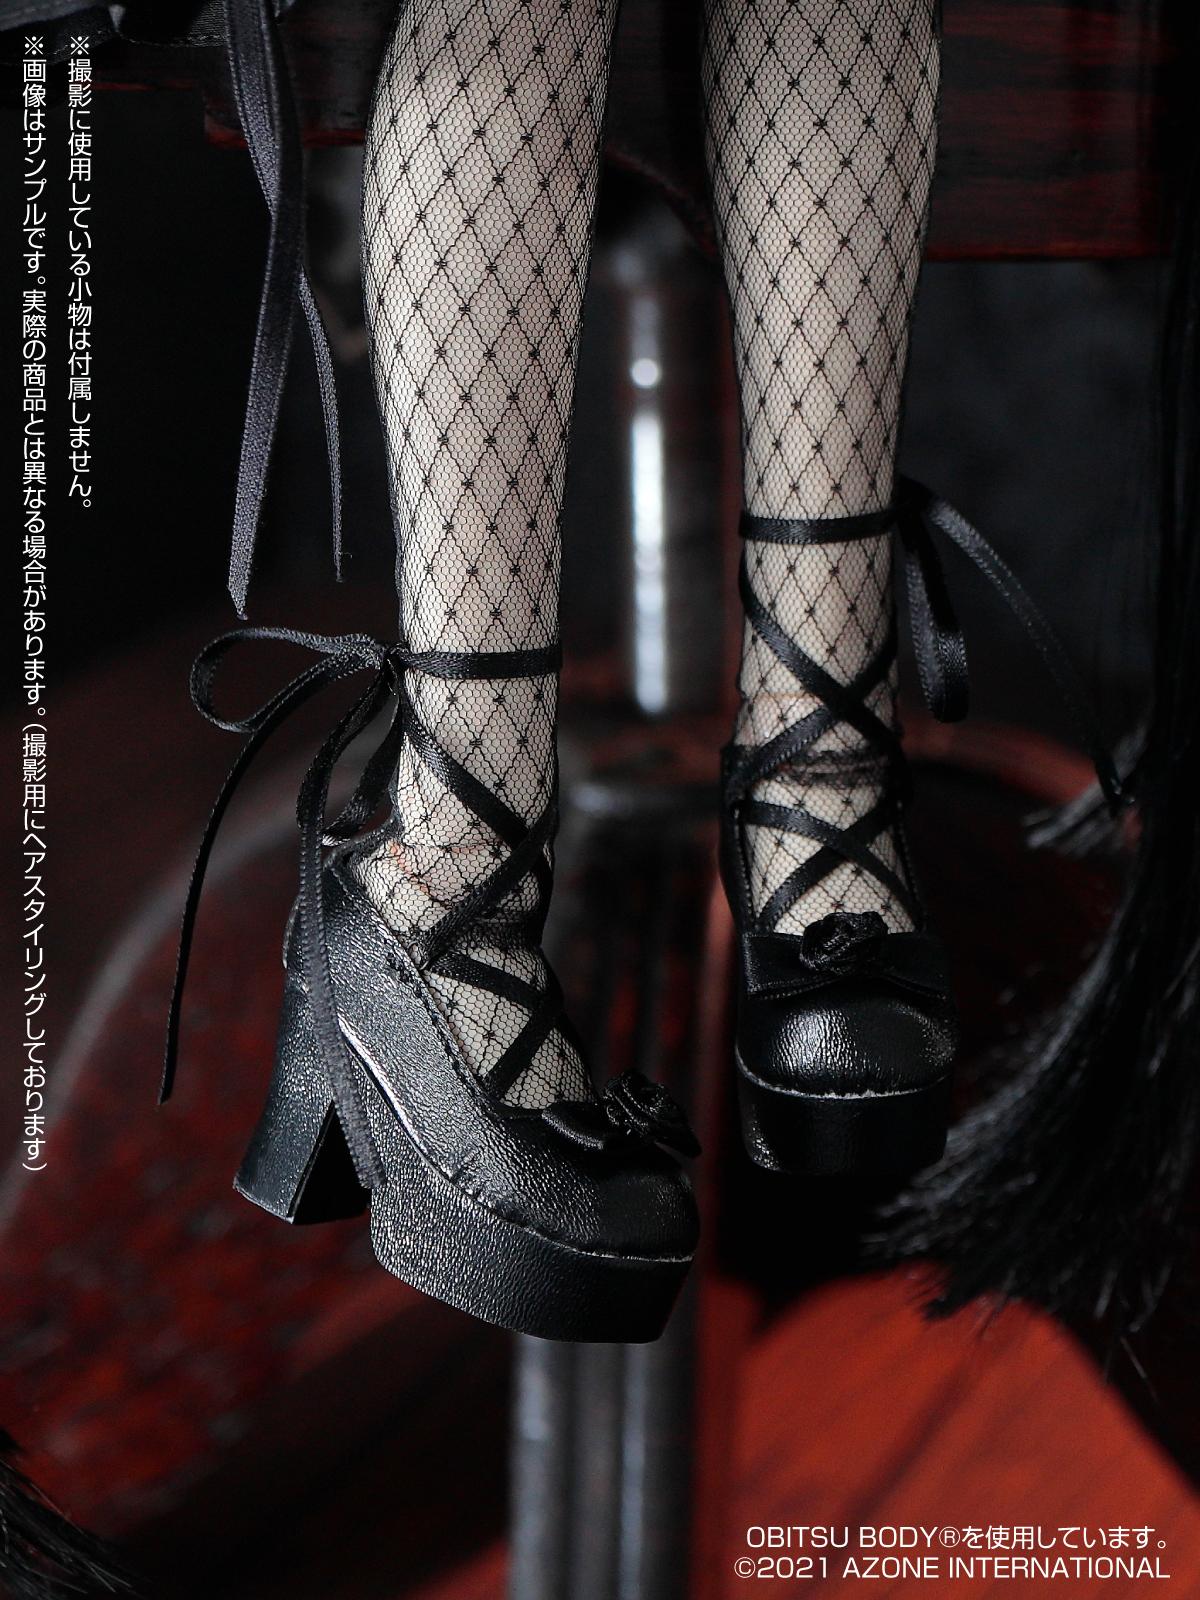 Iris Collect アイリス コレクト Kina's Fantasy Romances『ミレーネ ~デシャール家の堕天使~』1/3 完成品ドール-012